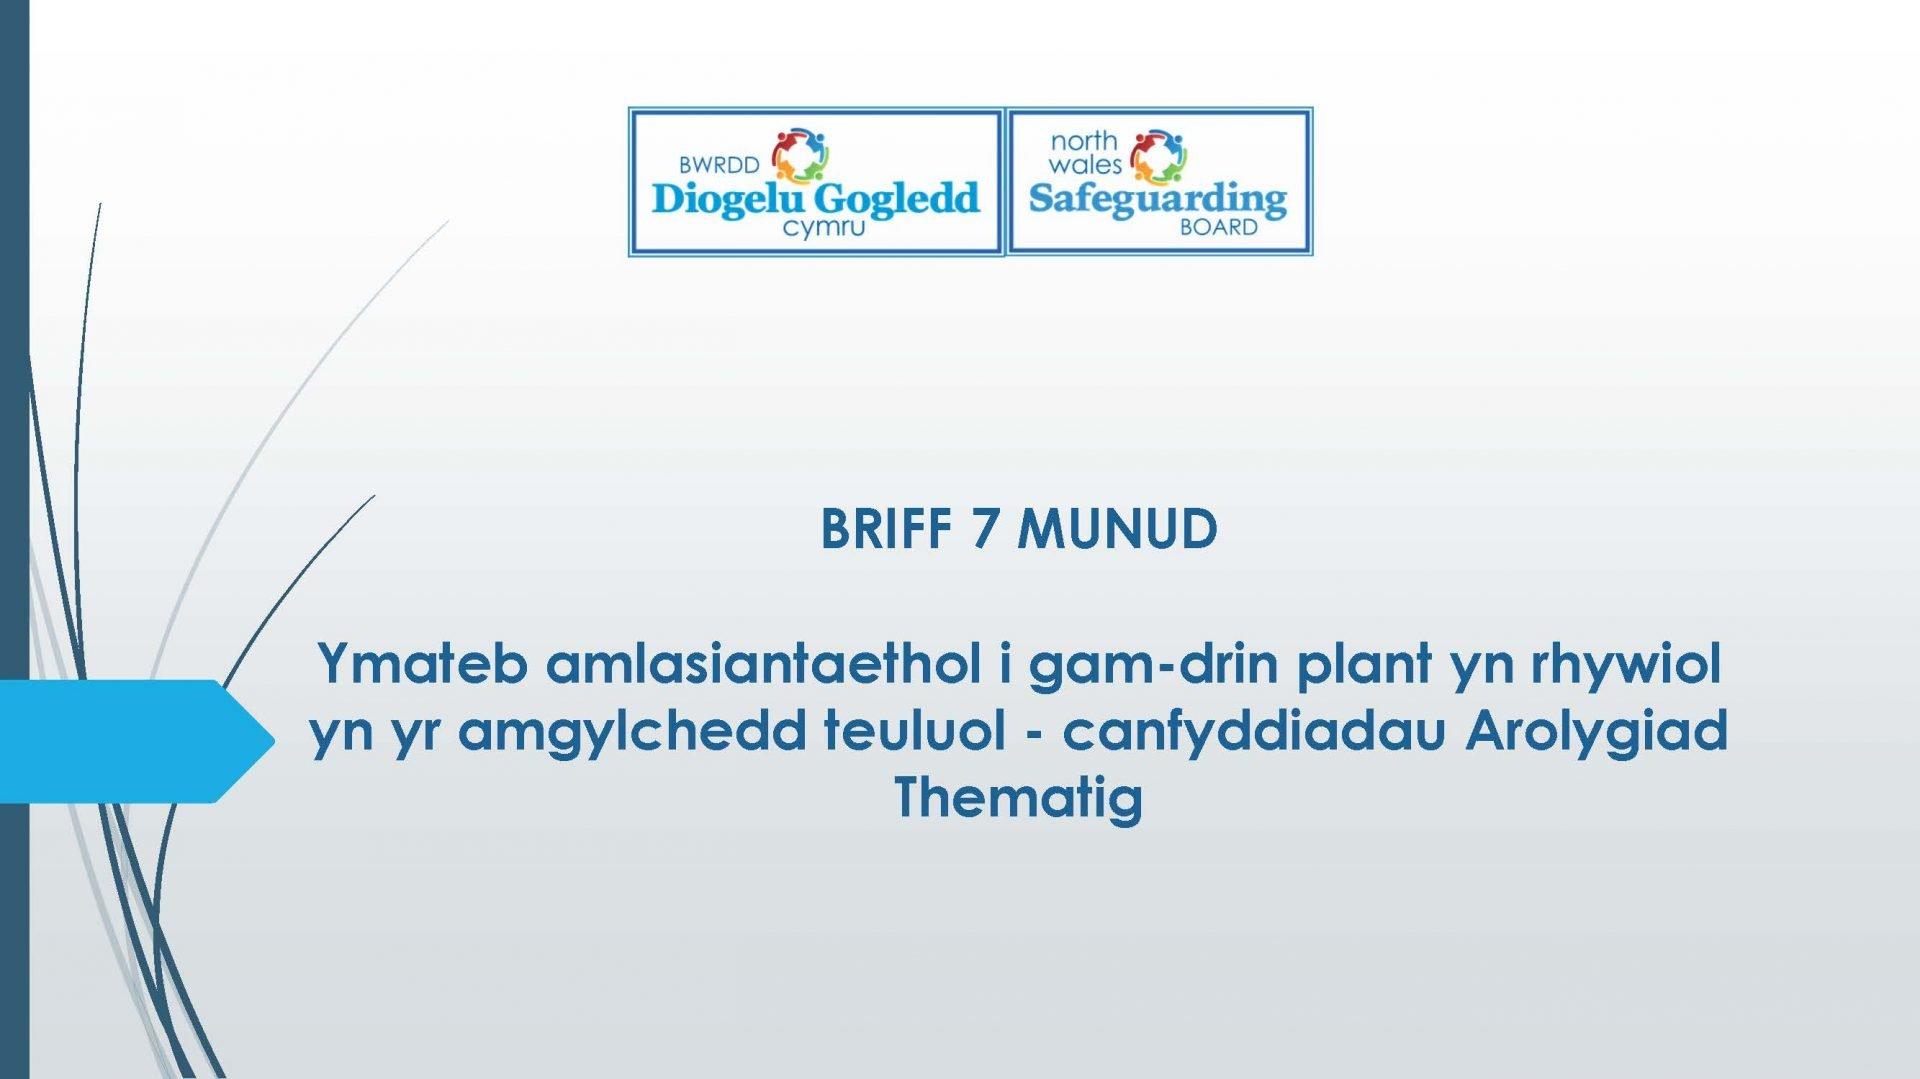 Ymateb amlasiantaethol i gam-drin plant yn rhywiol yn yr amgylchedd teuluol - canfyddiadau Arolygiad Thematig